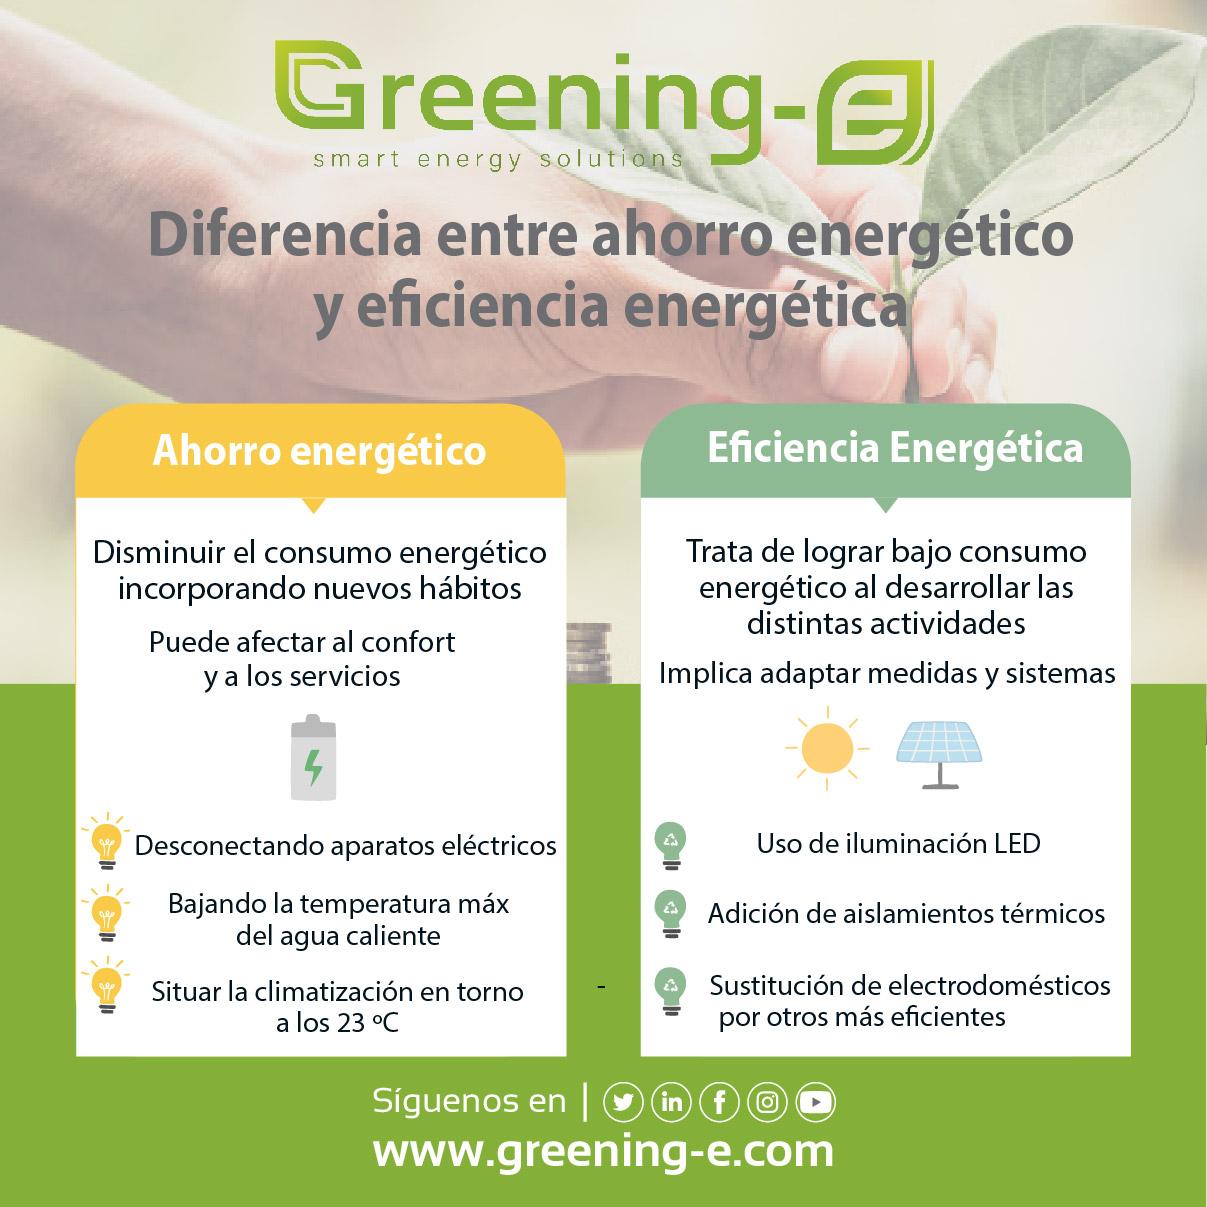 diferencias entre los conceptos de ahorro energético y eficiencia energética